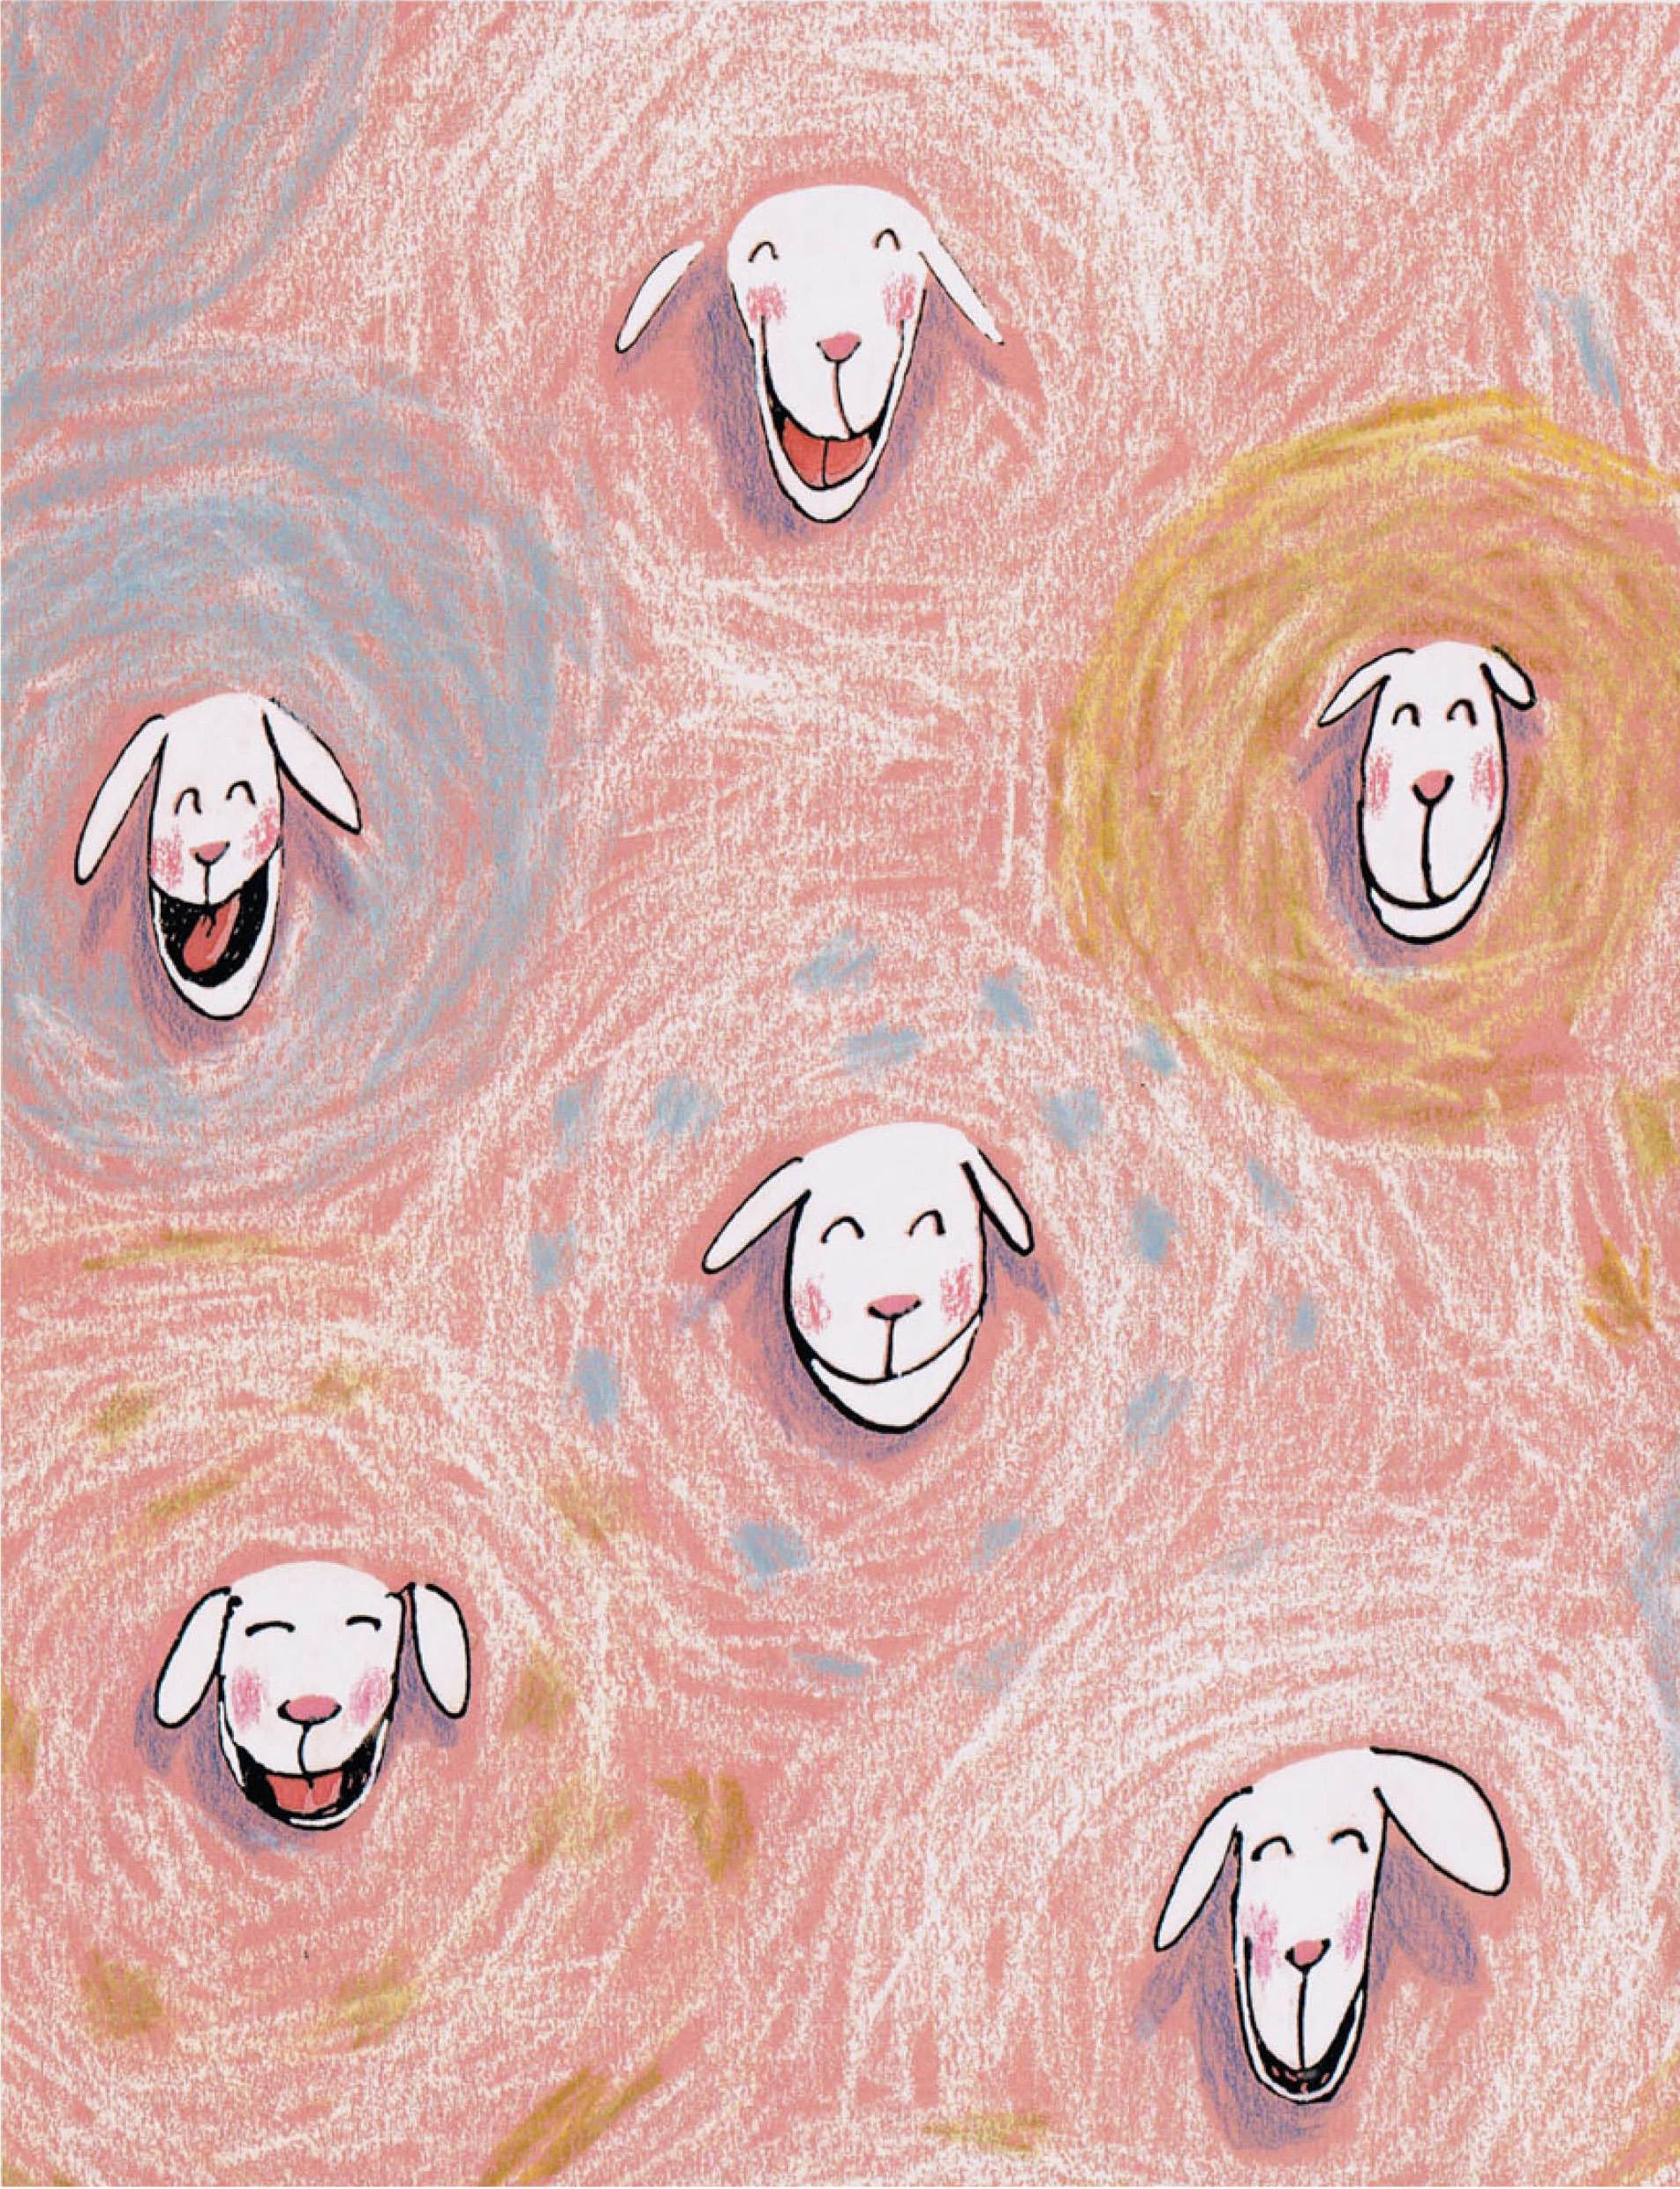 schaapjes met wollen jas, uit het lente prentenboek Thomas wil niet jaloers zijn